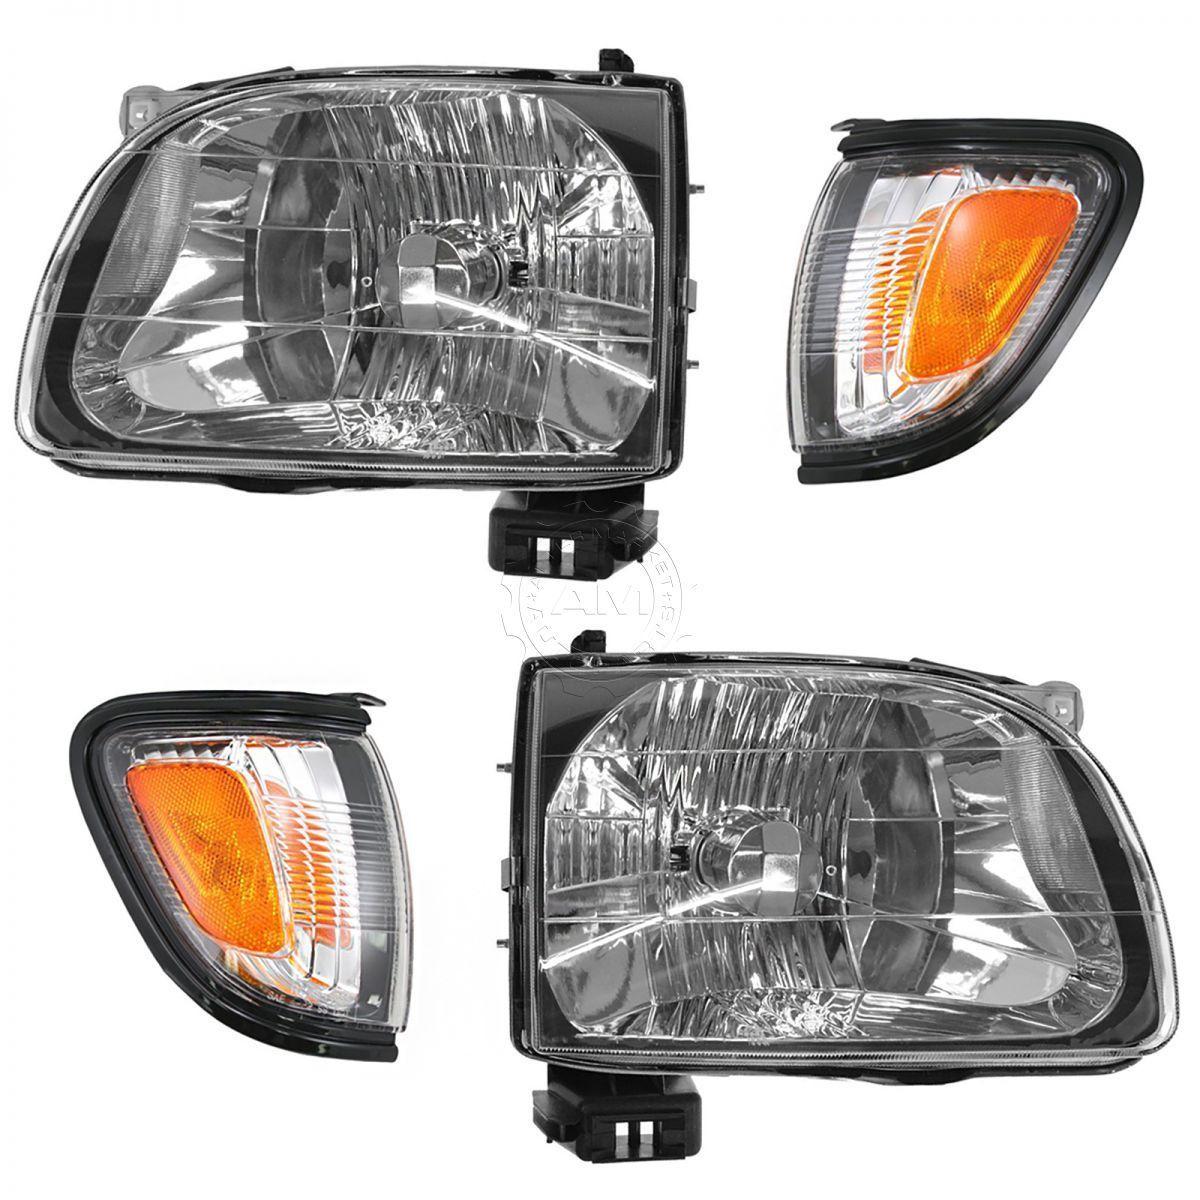 コーナーライト Headlight Parking Light Lamp LH RH 4 Piece Kit Black for 01-04 Tacoma Truck New ヘッドライトパーキングライトランプLH RH 4ピースキットブラックfor 01-04タコマトラックNew